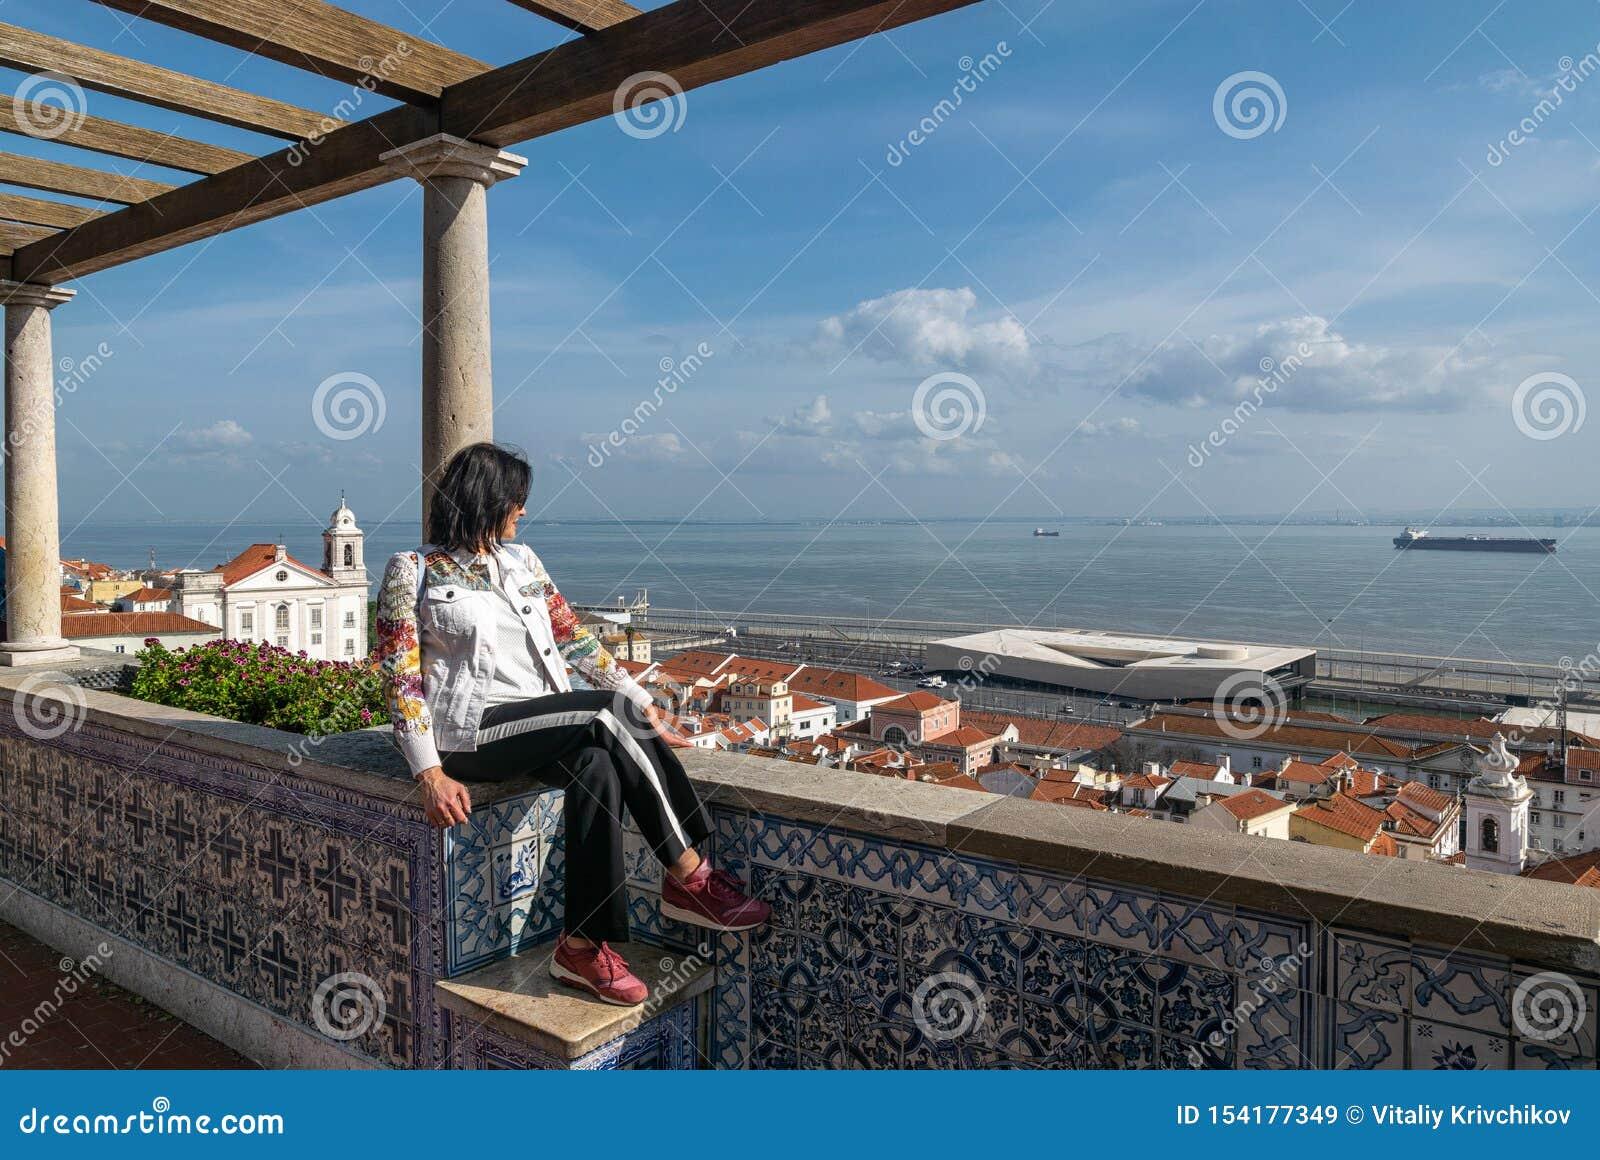 La mujer se sienta en la plataforma de observación y las miradas en los tejados de la ciudad, el mar, la nave, el cielo con las n